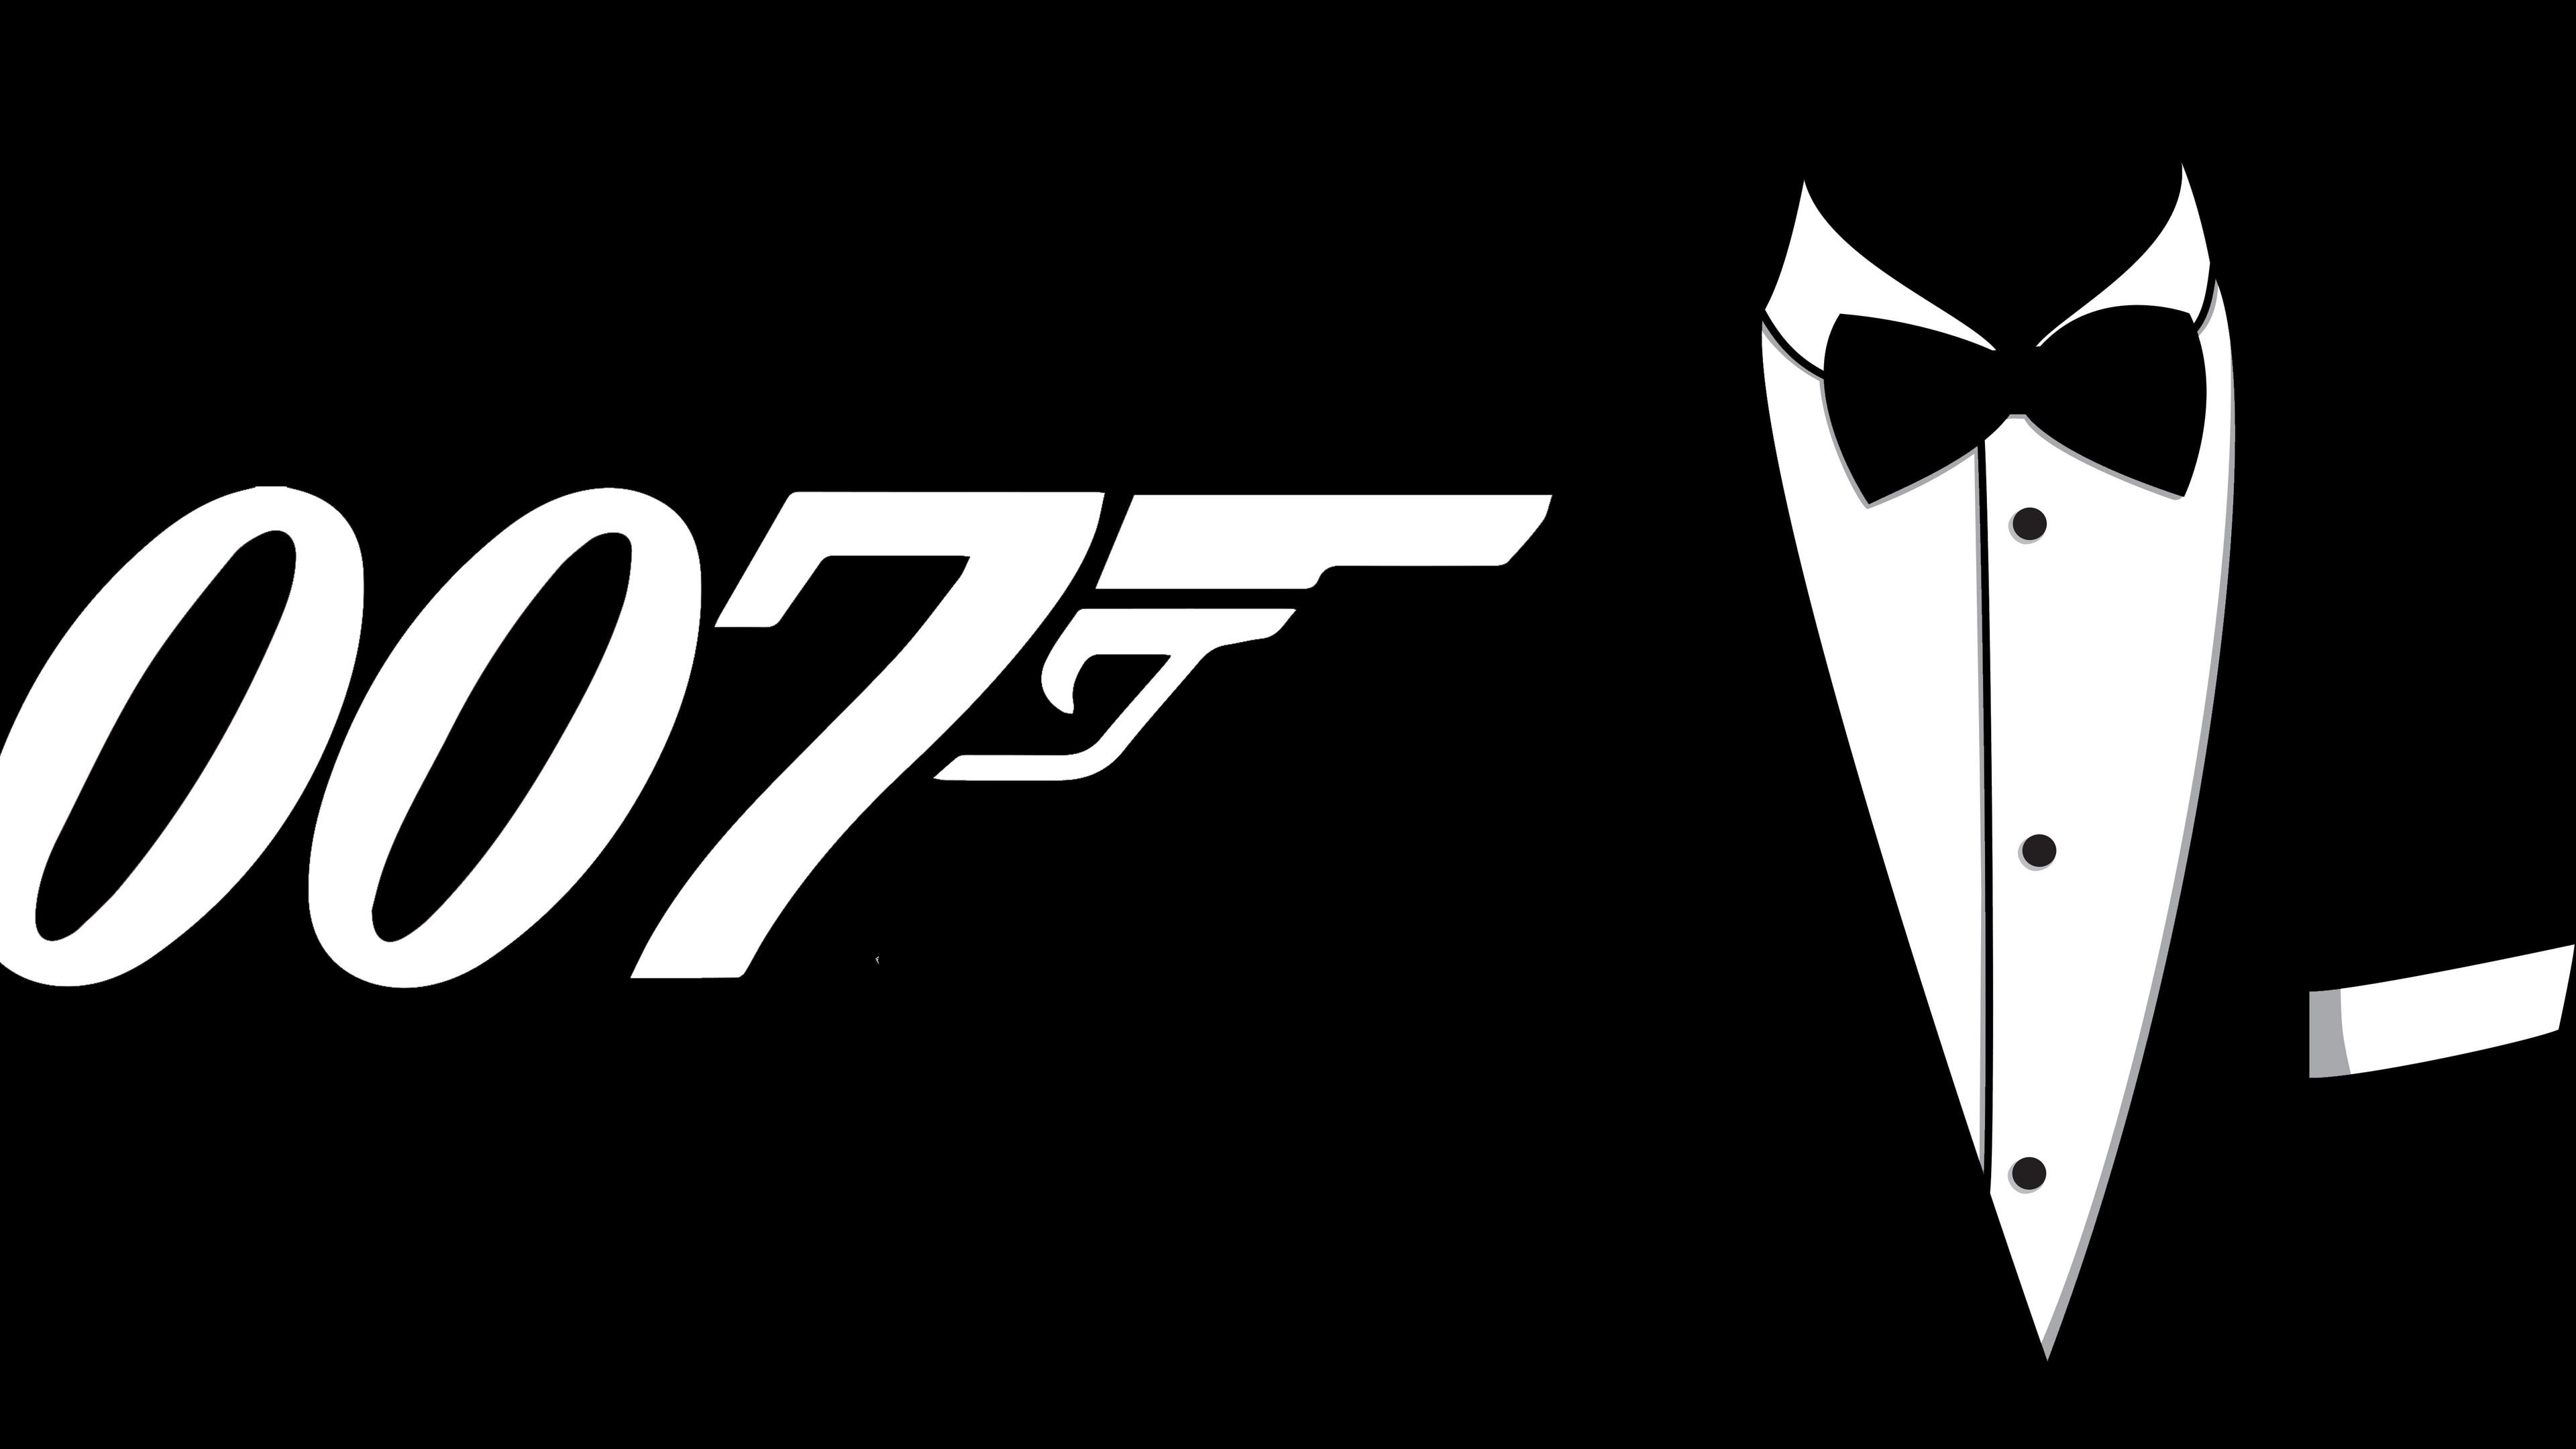 james bond 007 1536401470 - James Bond 007 - movies wallpapers